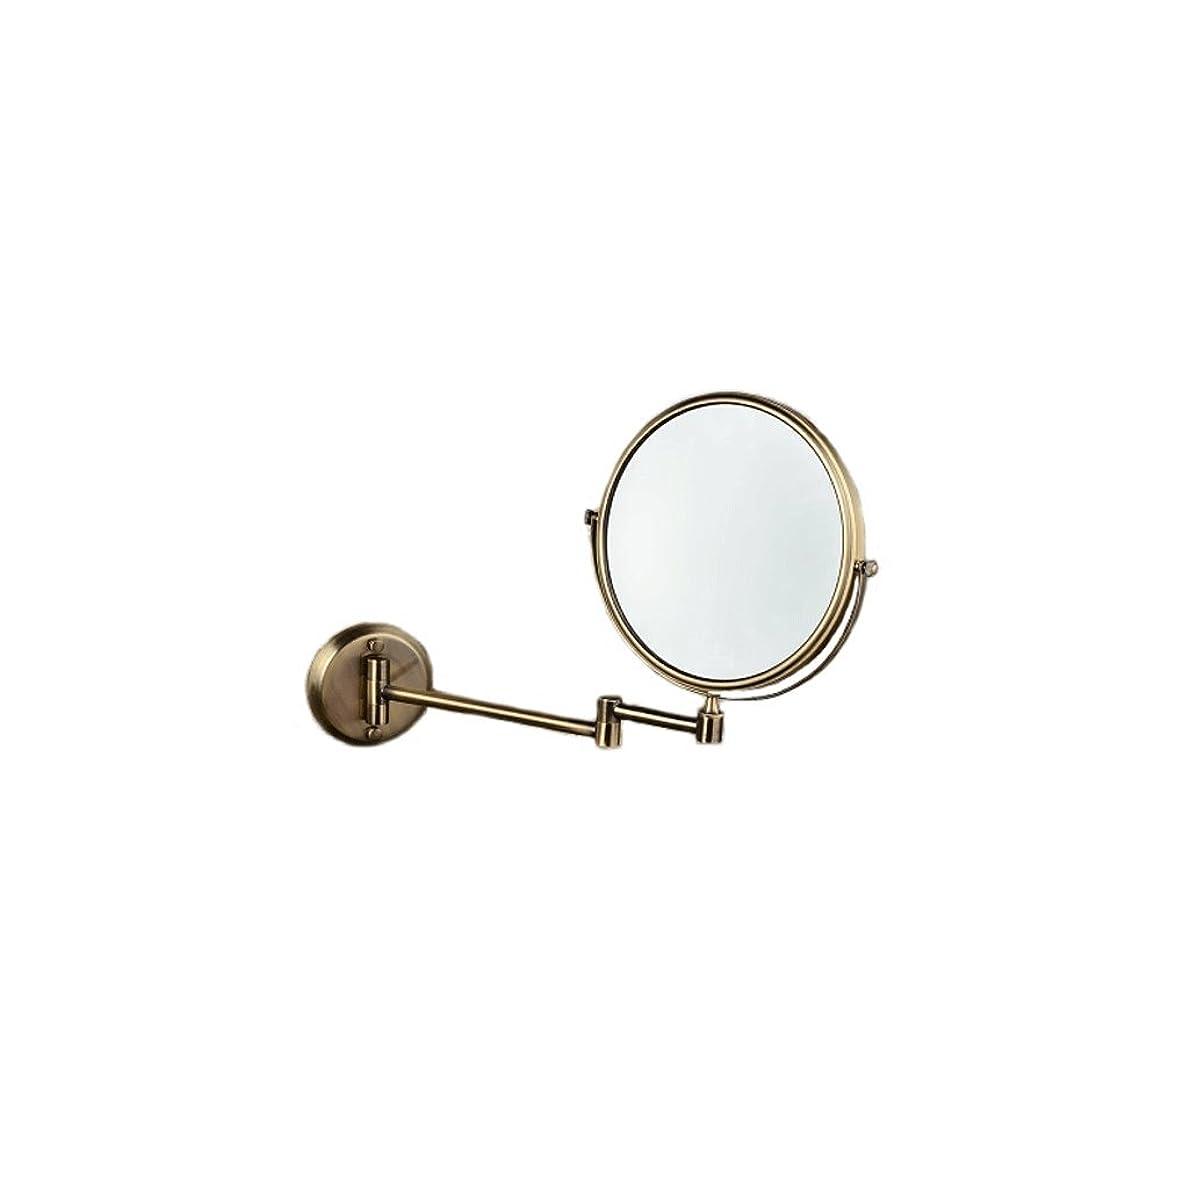 ネクタイフルーツ危険にさらされているCONCEN グリーンブロンズ壁掛け美容ミラー浴室壁掛けミラー格納式化粧鏡レトロミラー